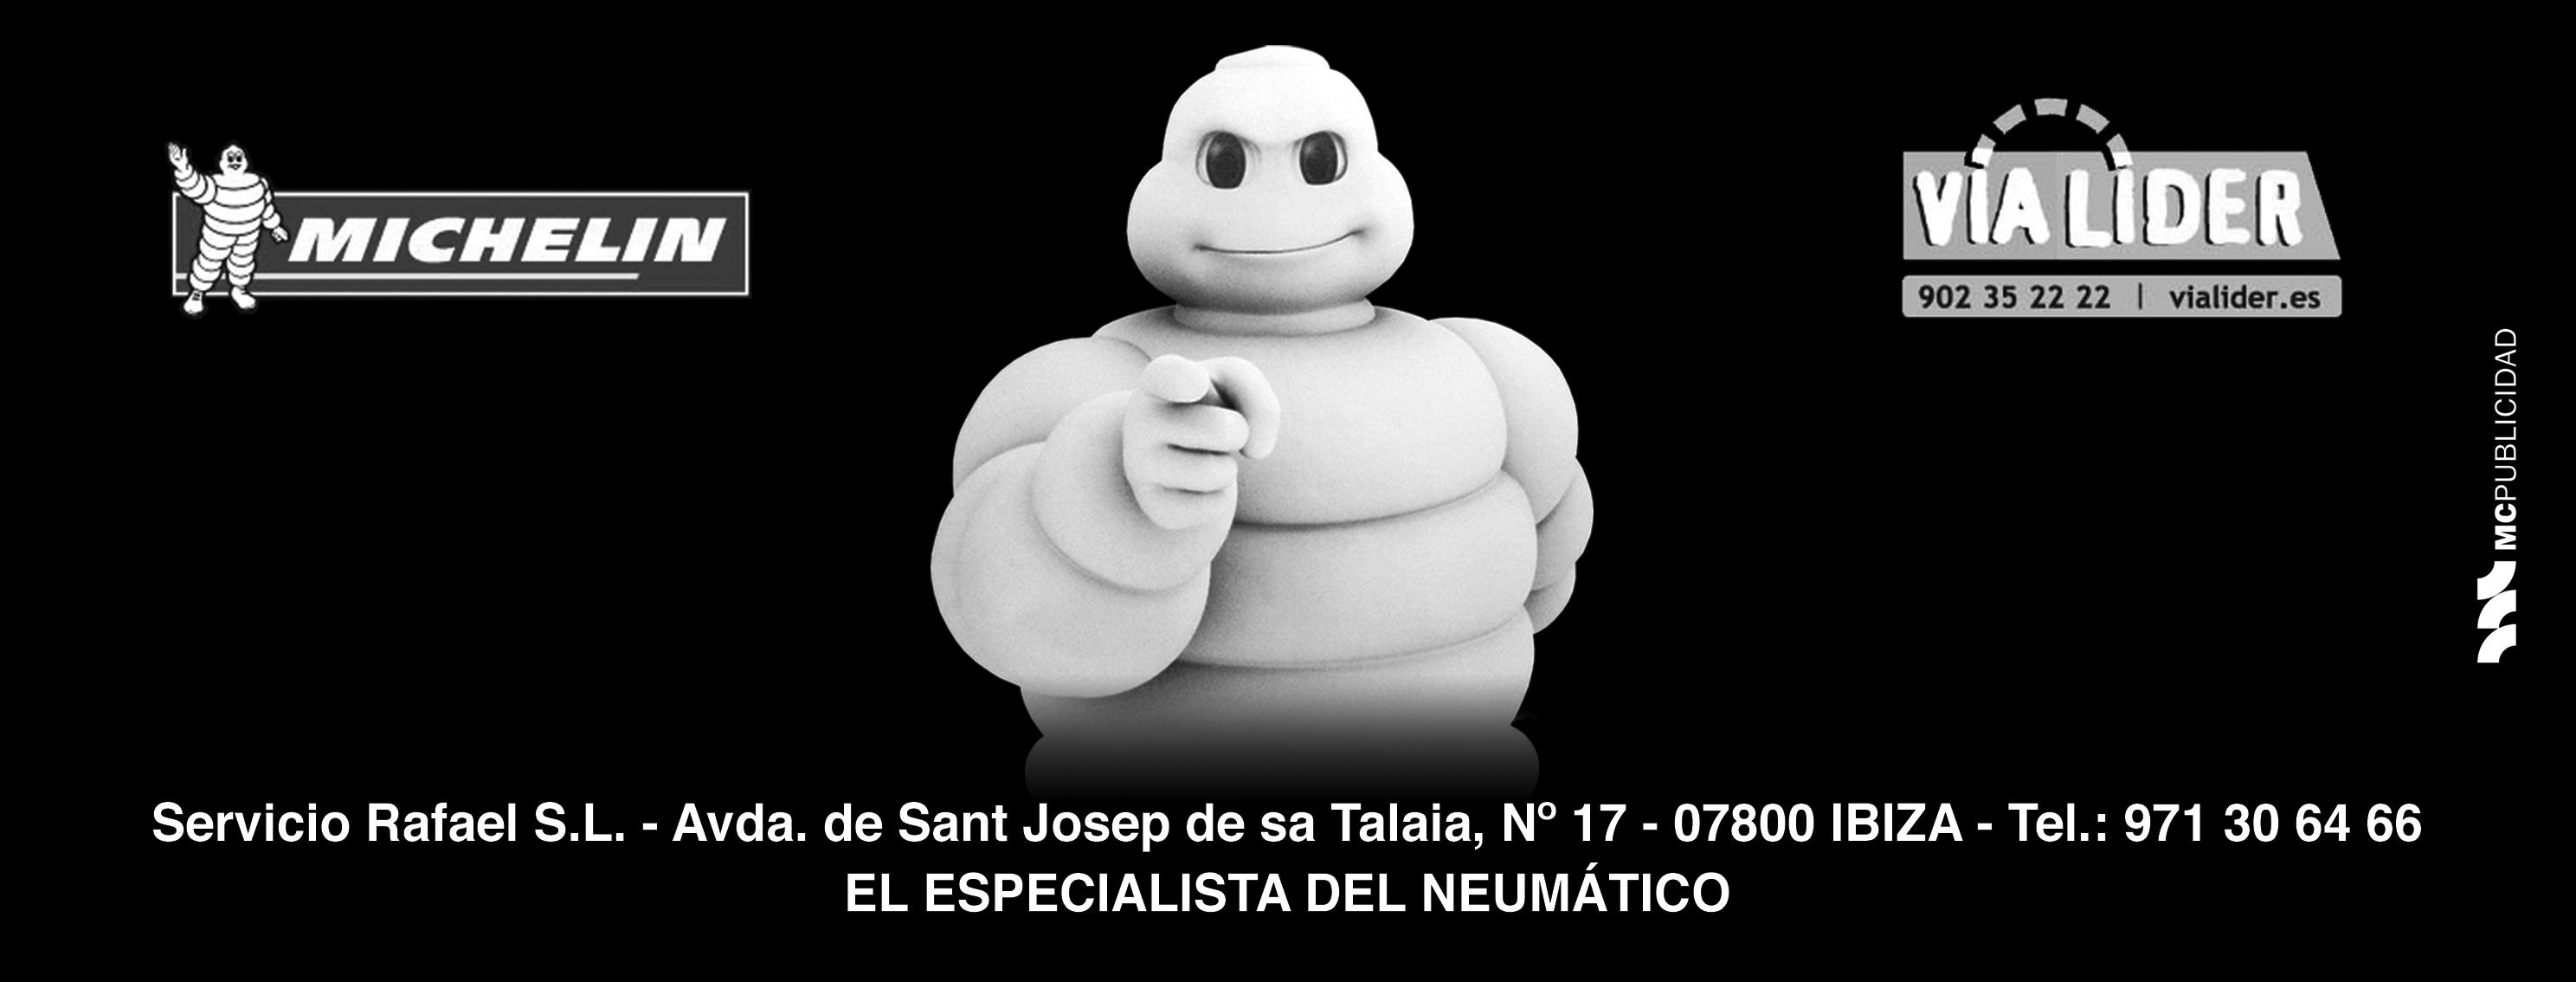 Modulo – Michelin